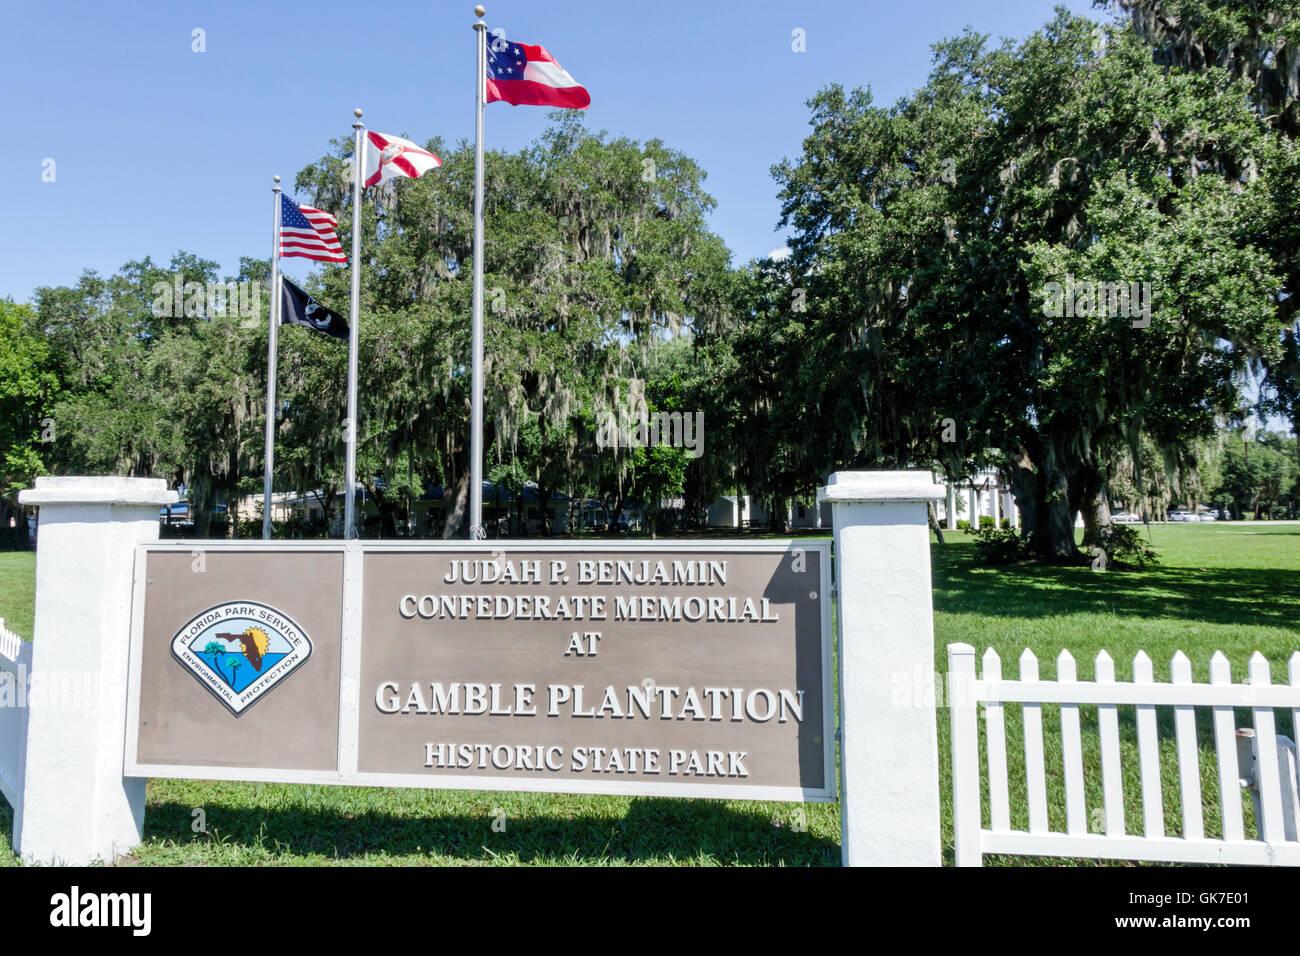 Florida ellenton gamble plantation historic state park judah p benjamin confederate veterans memorial civil war